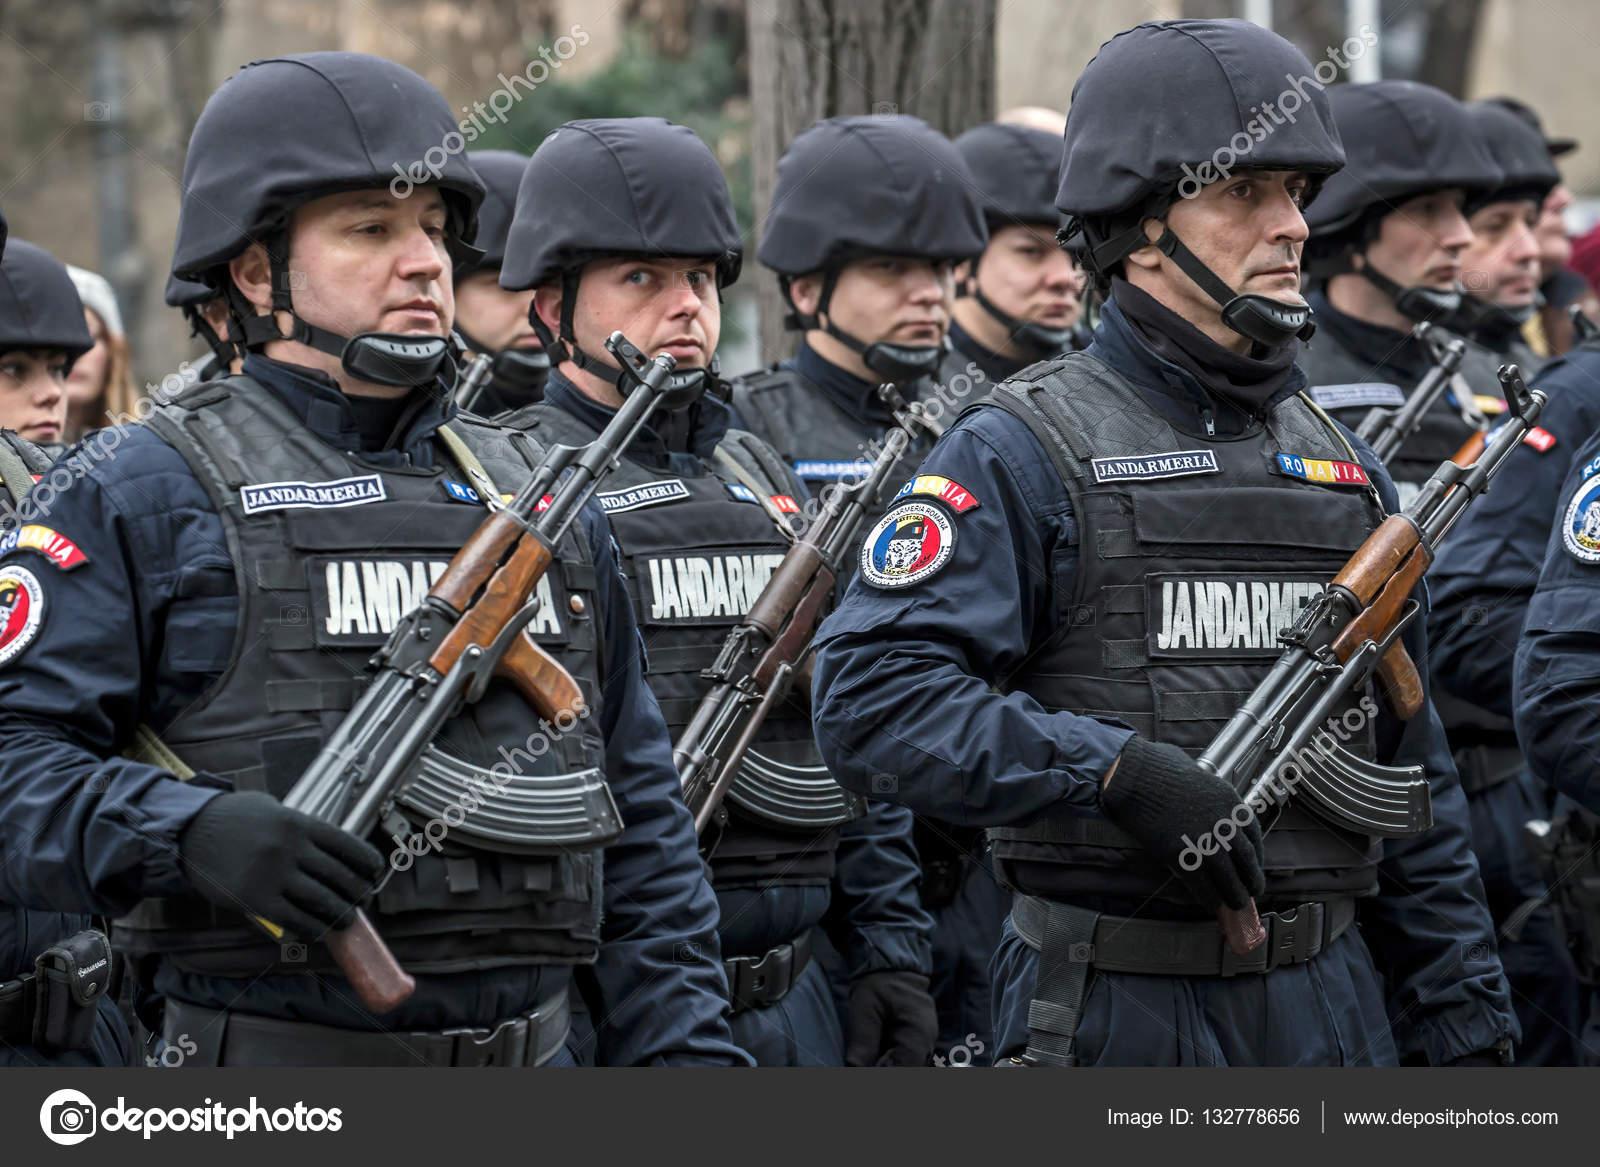 soldaten van de gendarmerie in formatie  u2013 redactionele stockfoto  u00a9 florin1961  132778656